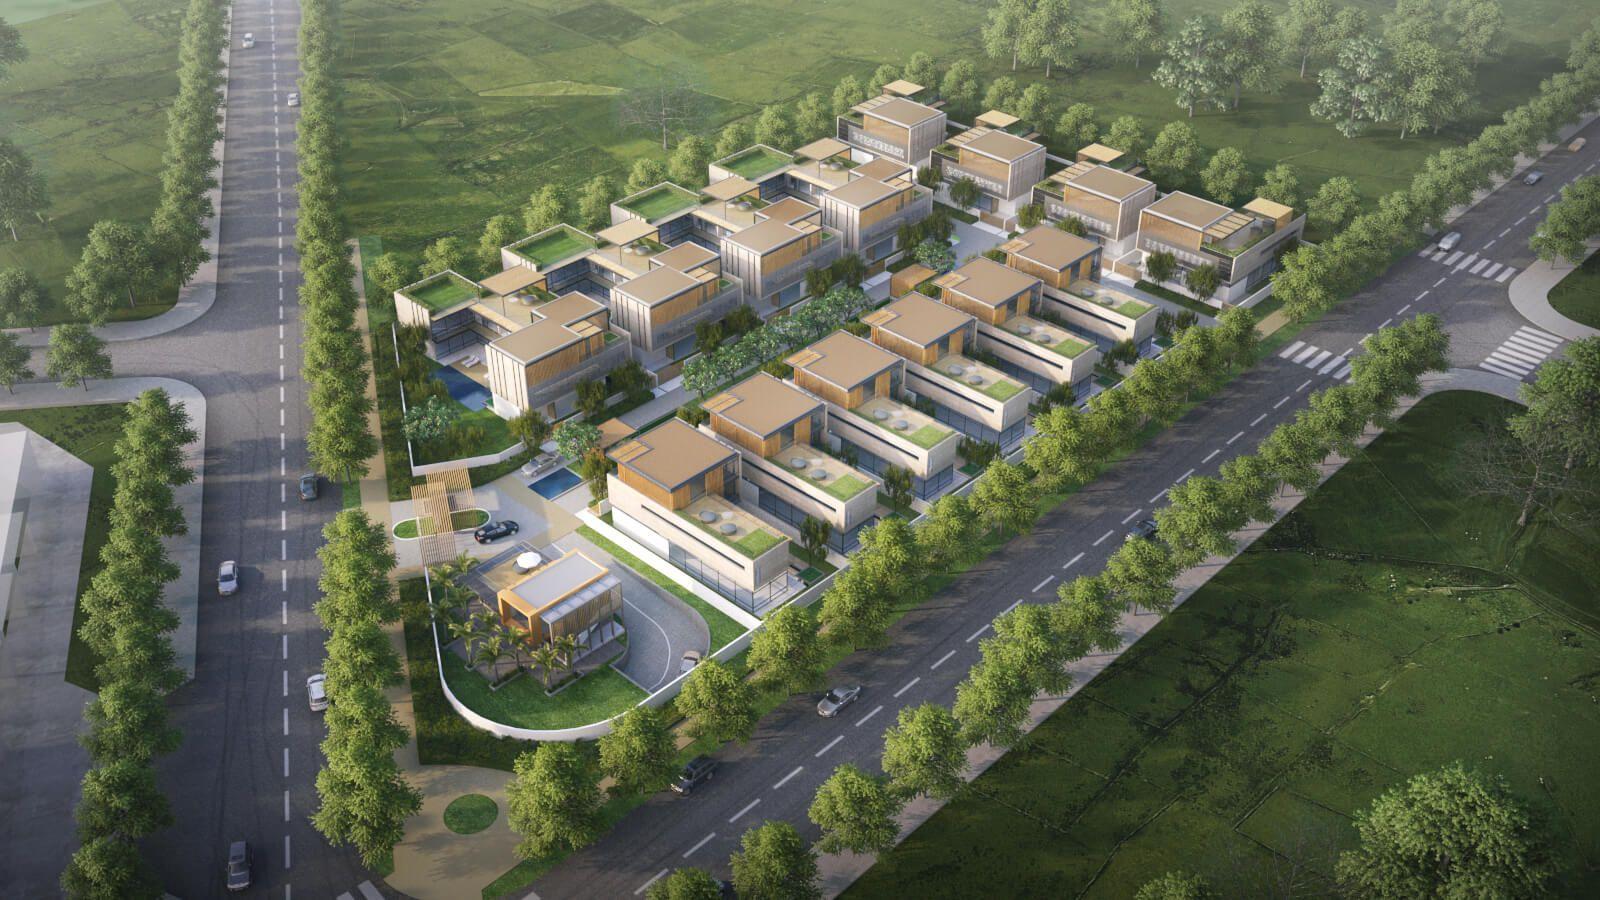 Diễn đàn rao vặt:  Cơ hội đầu tư sinh lời từ dự án Khu đô thị Đông Bình Dương Phoi-canh-du-an-lancaster-villa-e6-quan-2